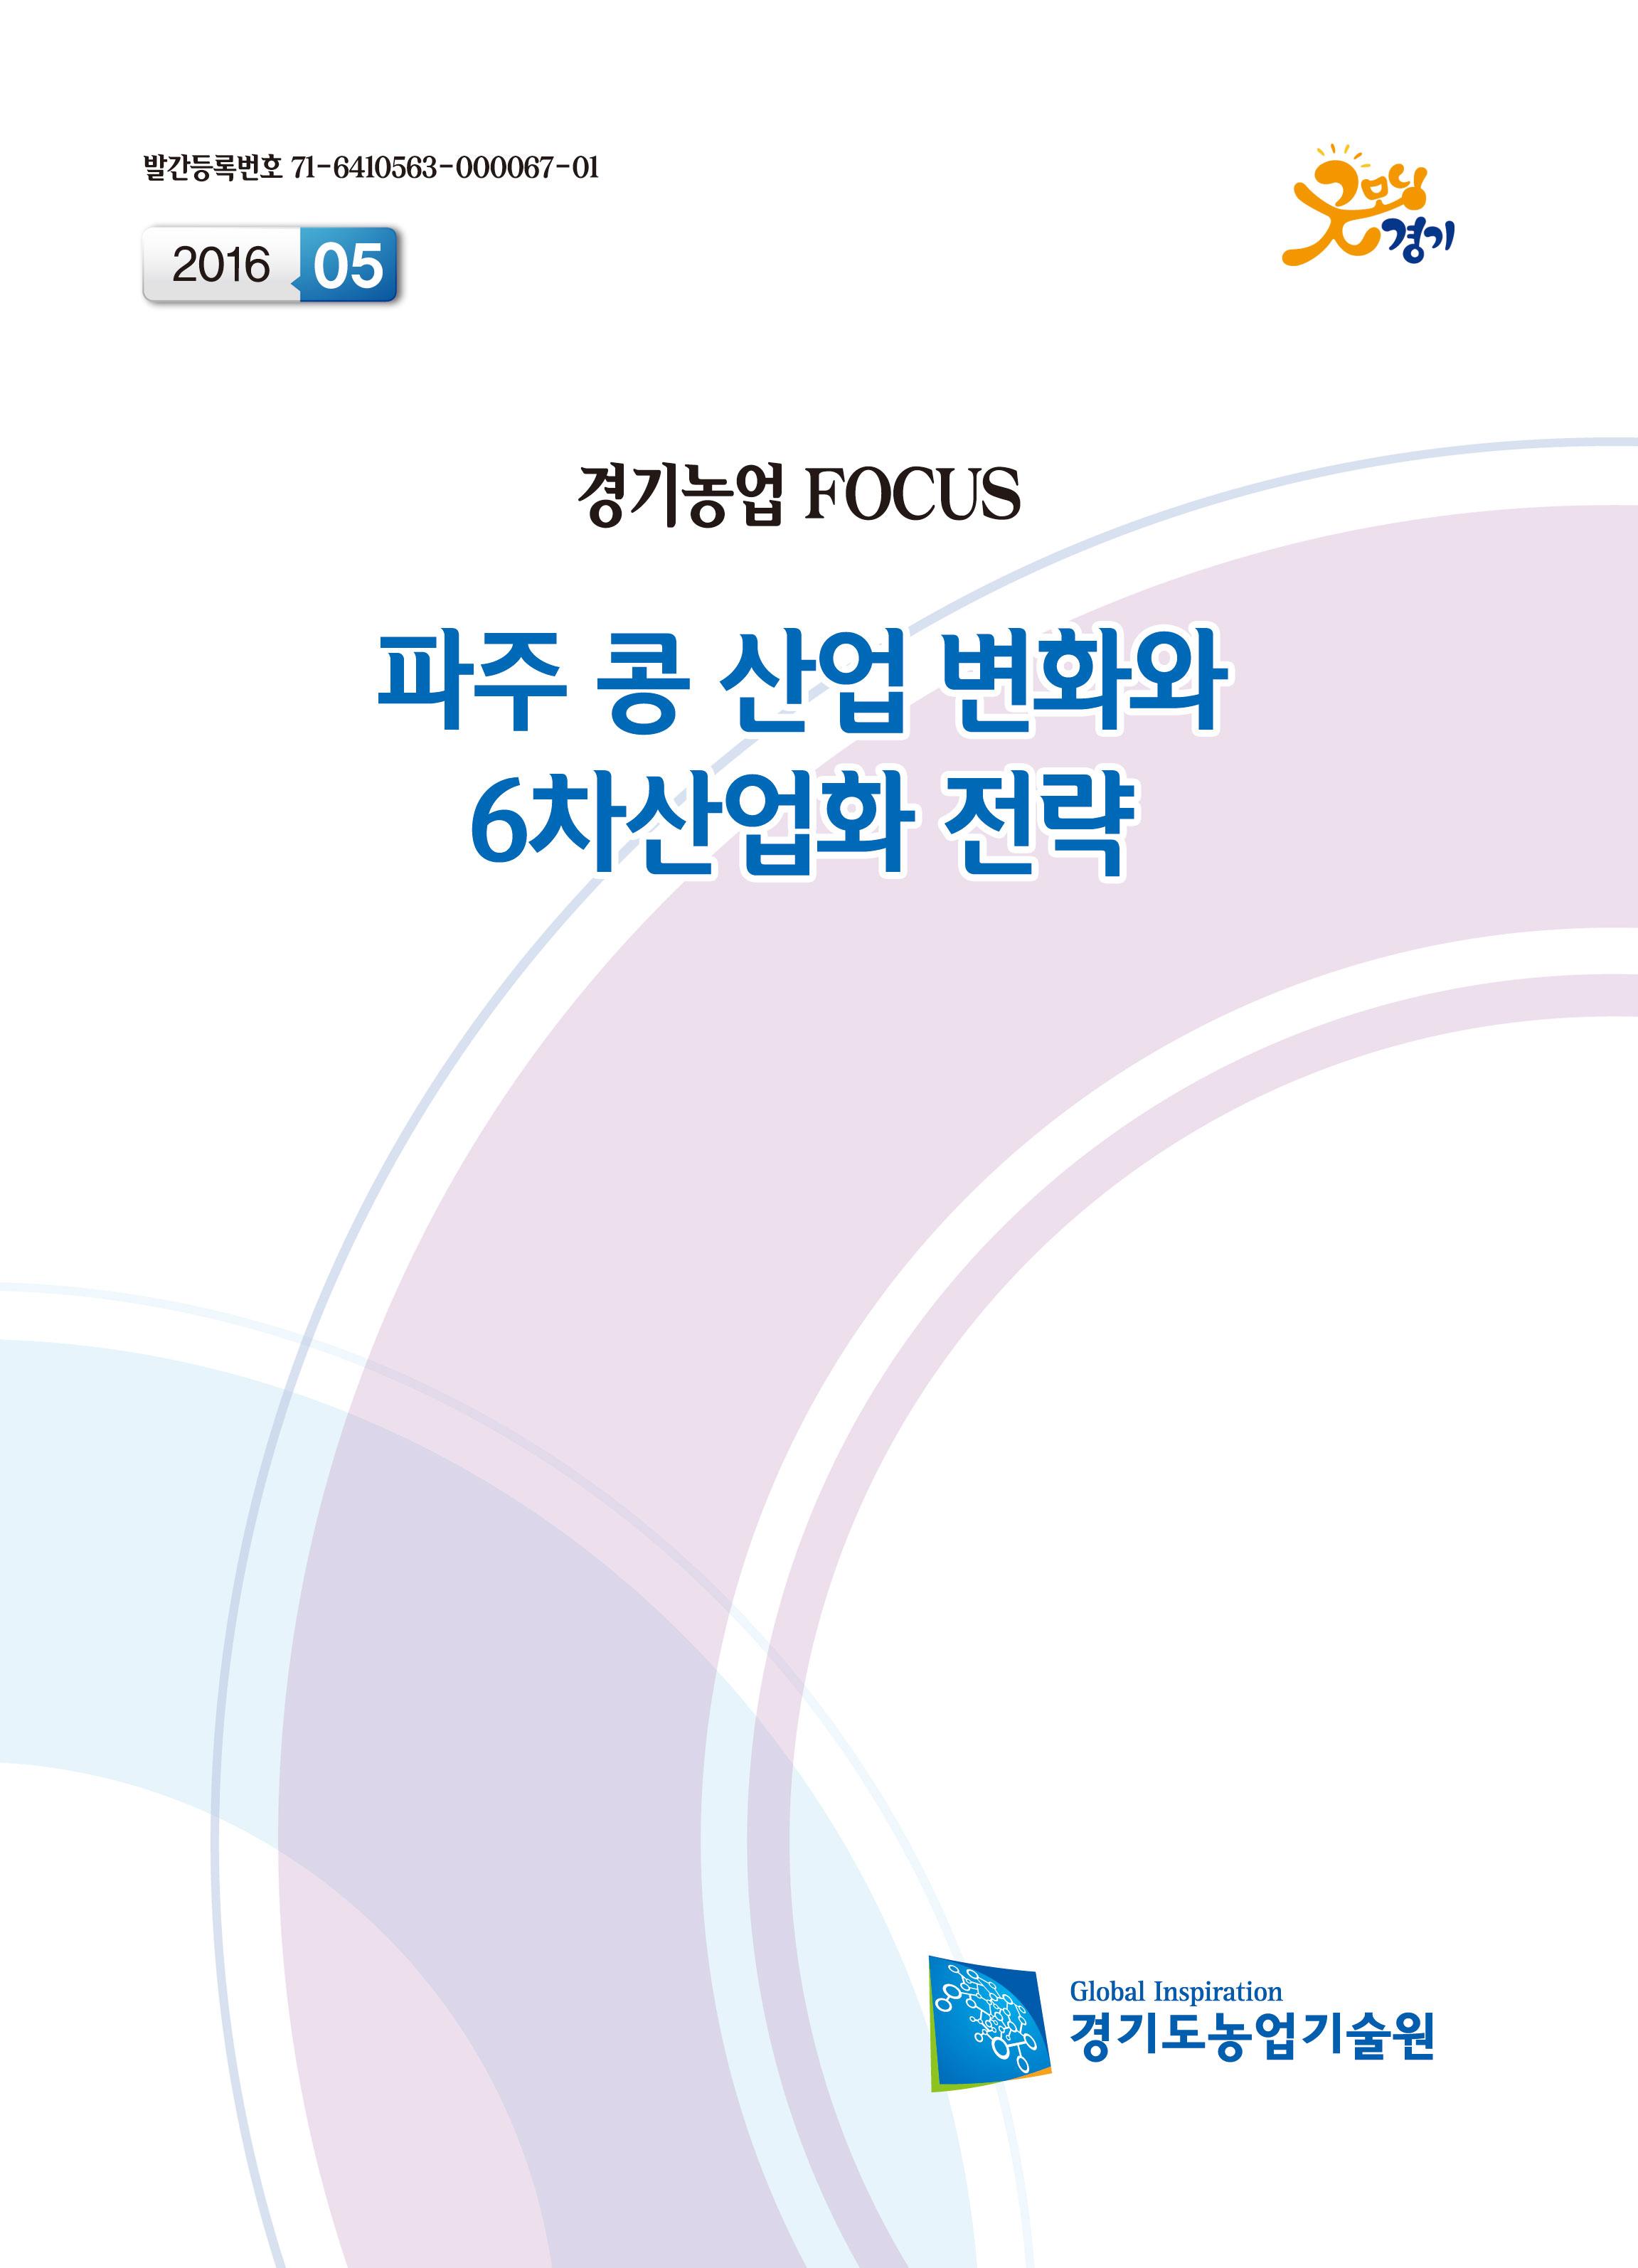 focus16-05